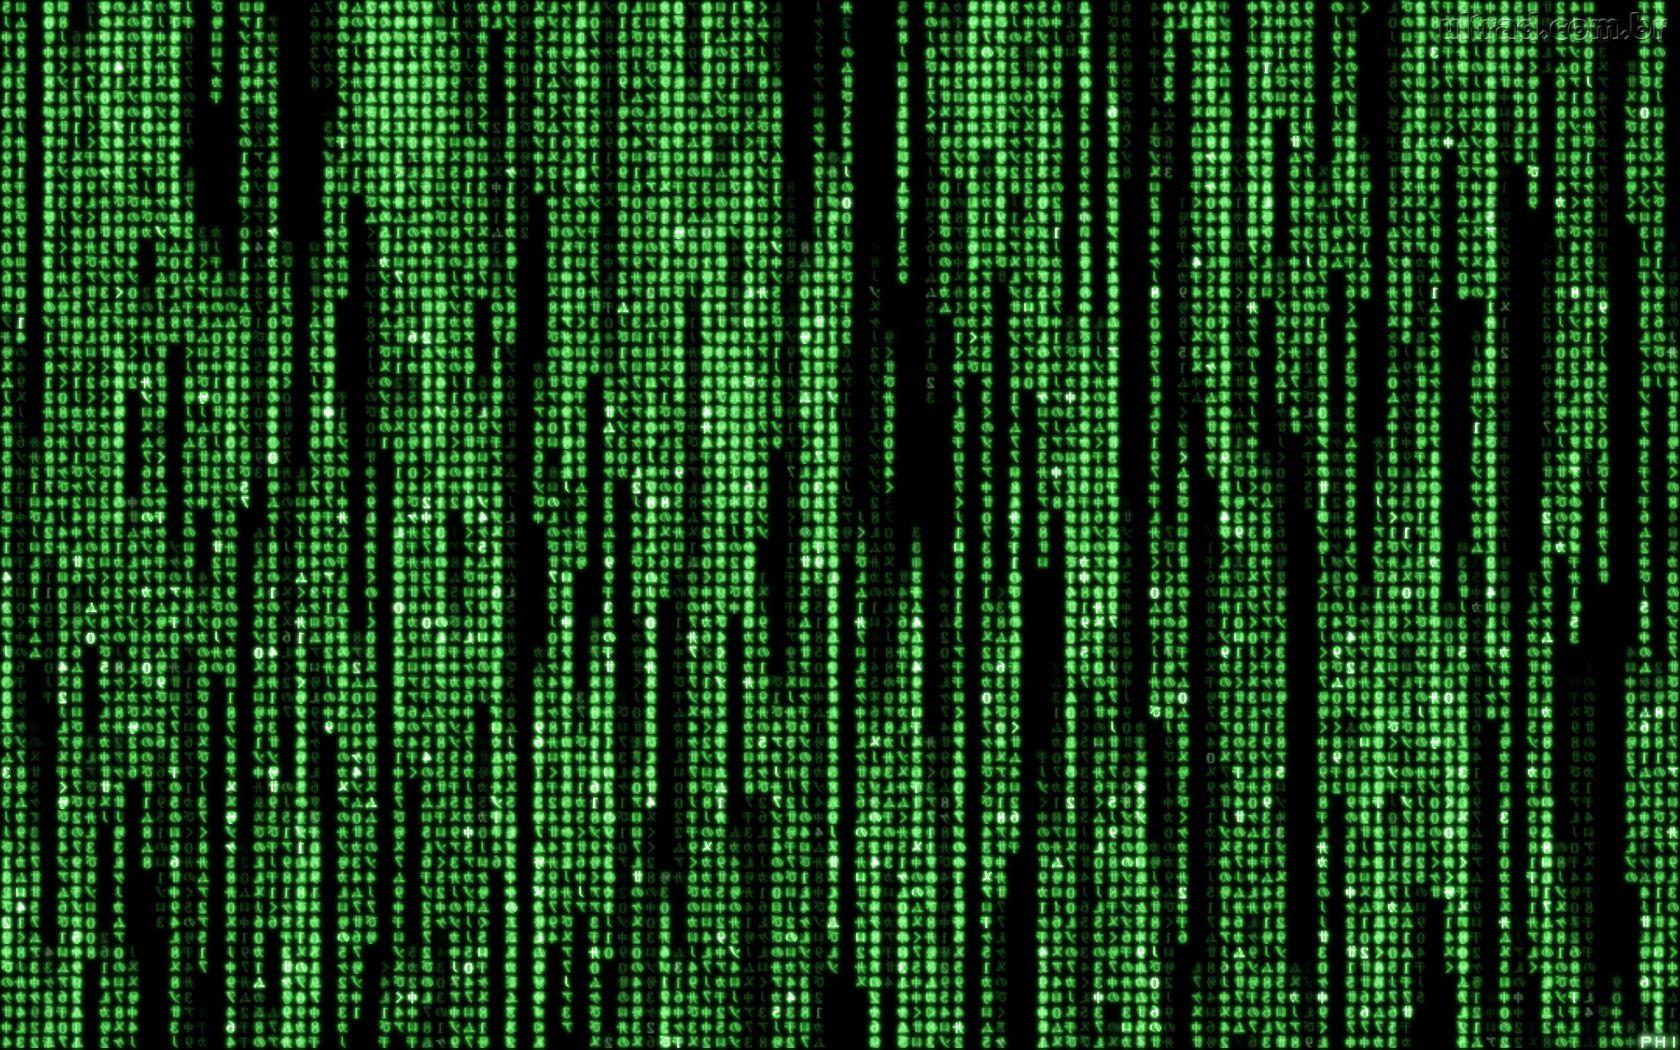 Matrix Moving Wallpaper